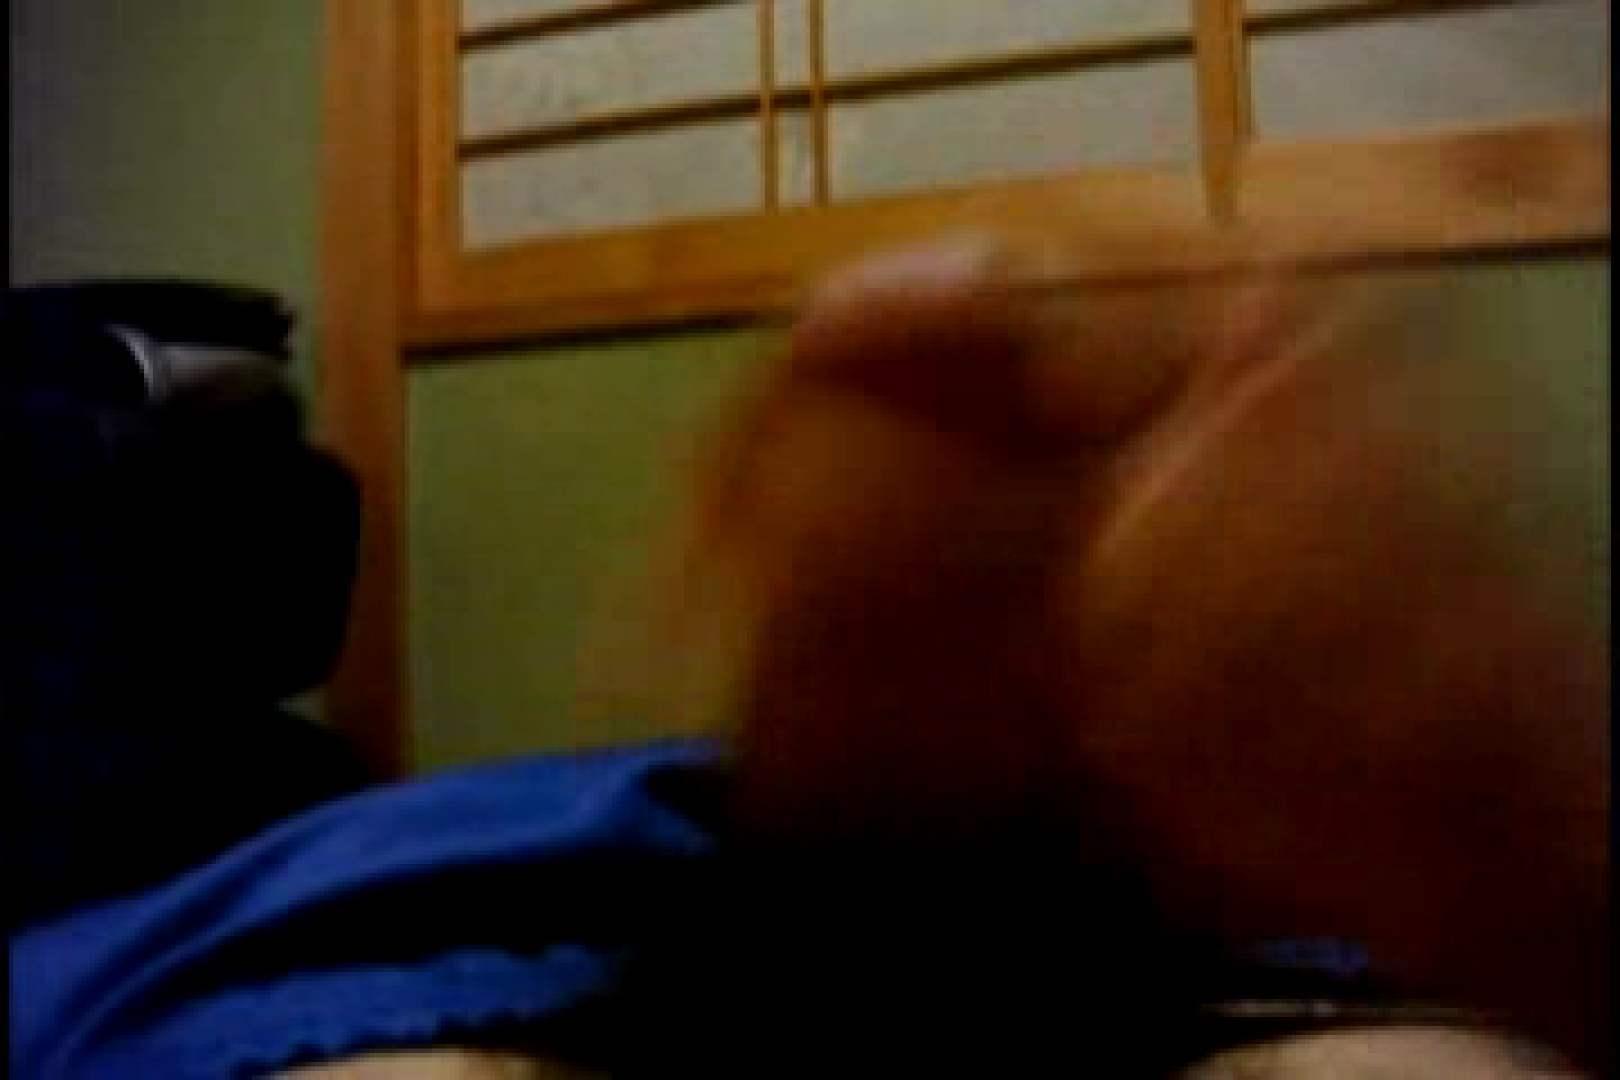 オナ好きノンケテニス部員の自画撮り投稿vol.02 流出  104pic 2